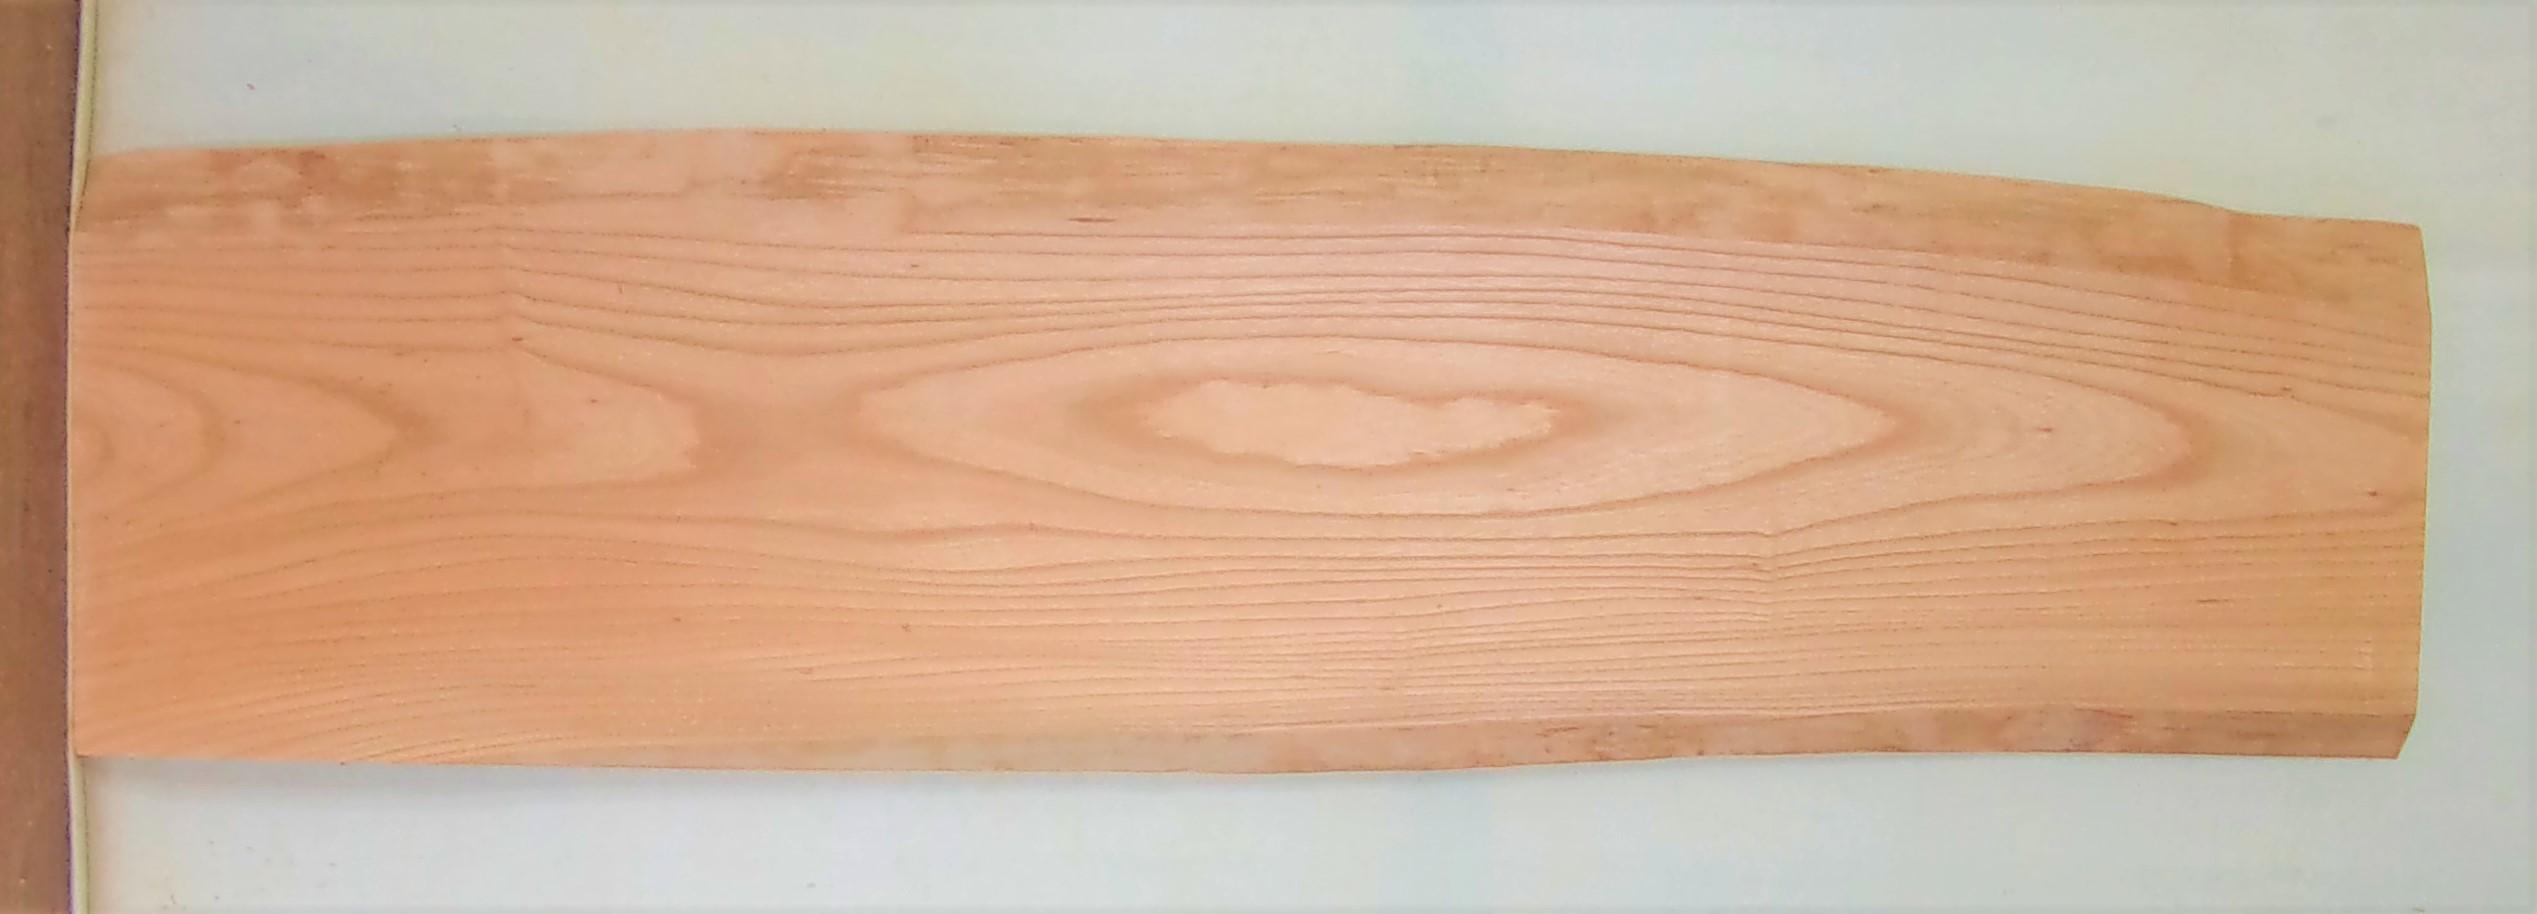 【送料・手数料無料】 山成林業 中型無垢一枚板 KC-610 ケヤキ 中型看板に最適